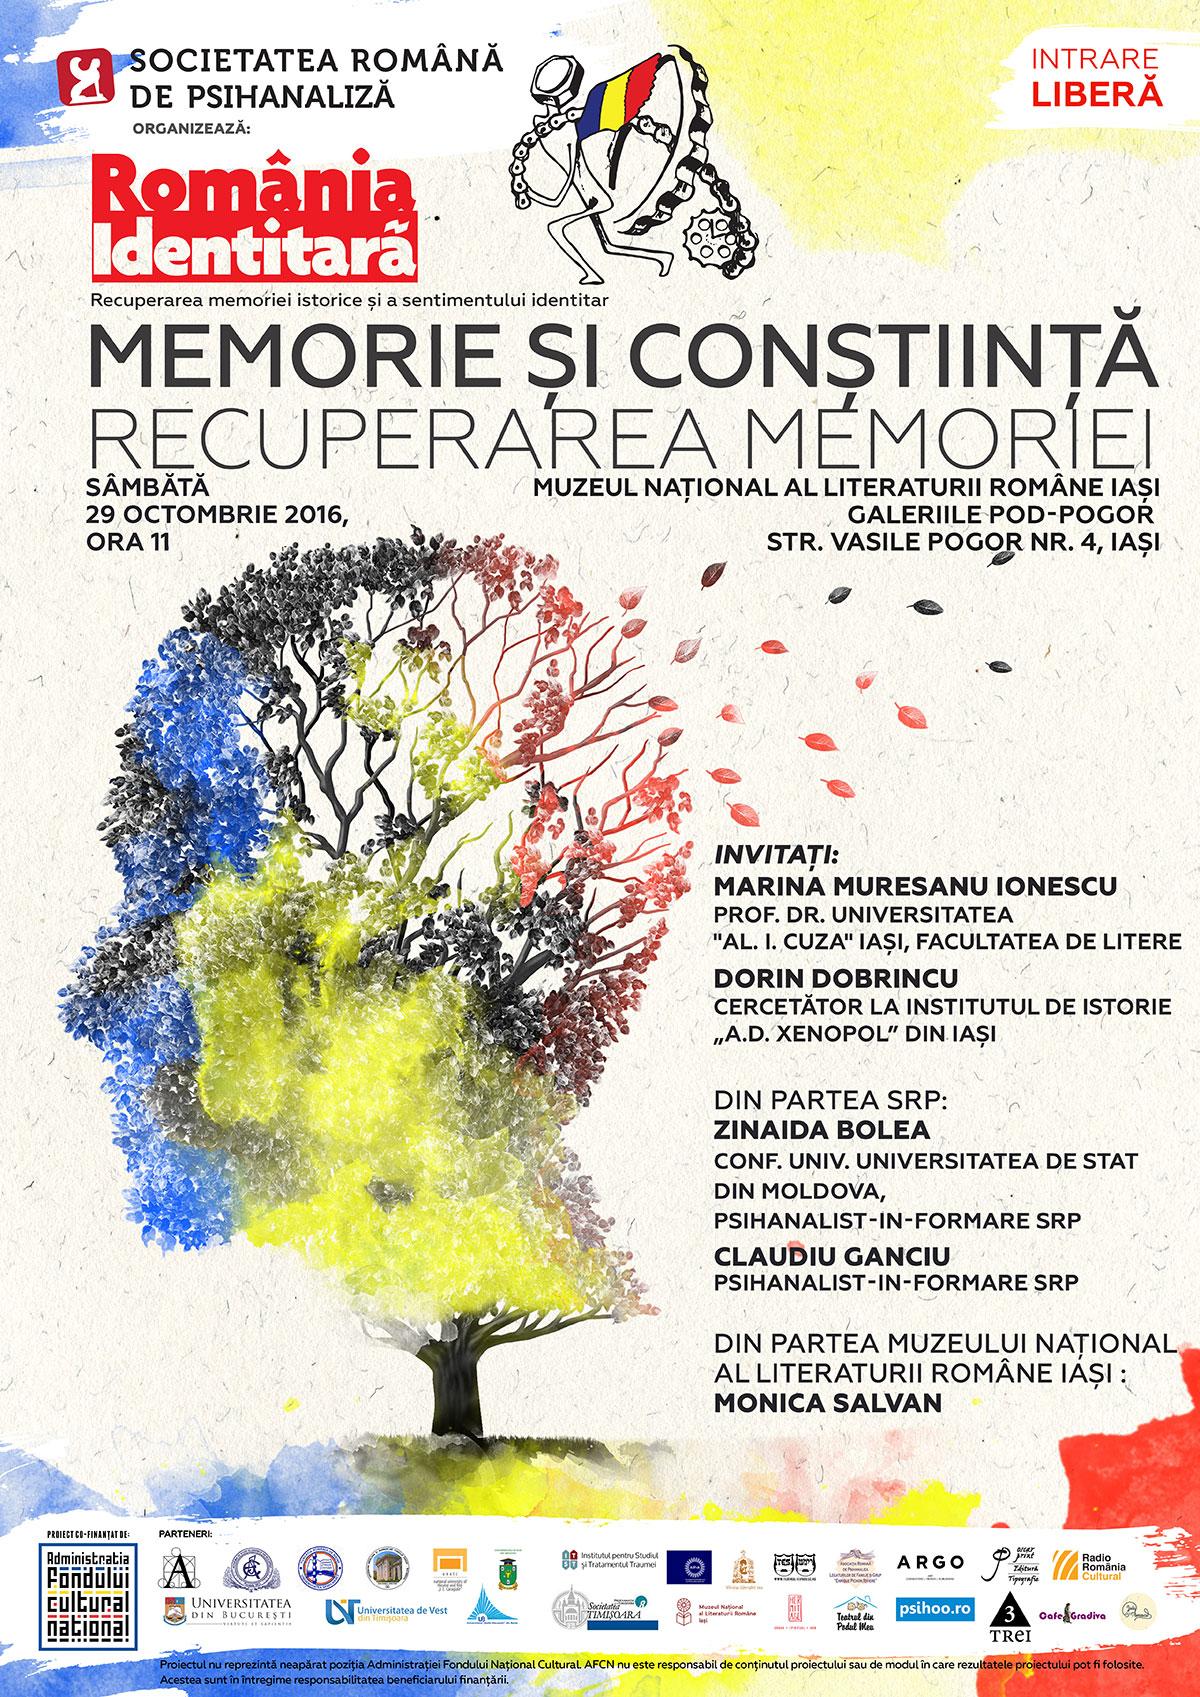 ATELIER 9: MEMORIE SI CONSTIINTA